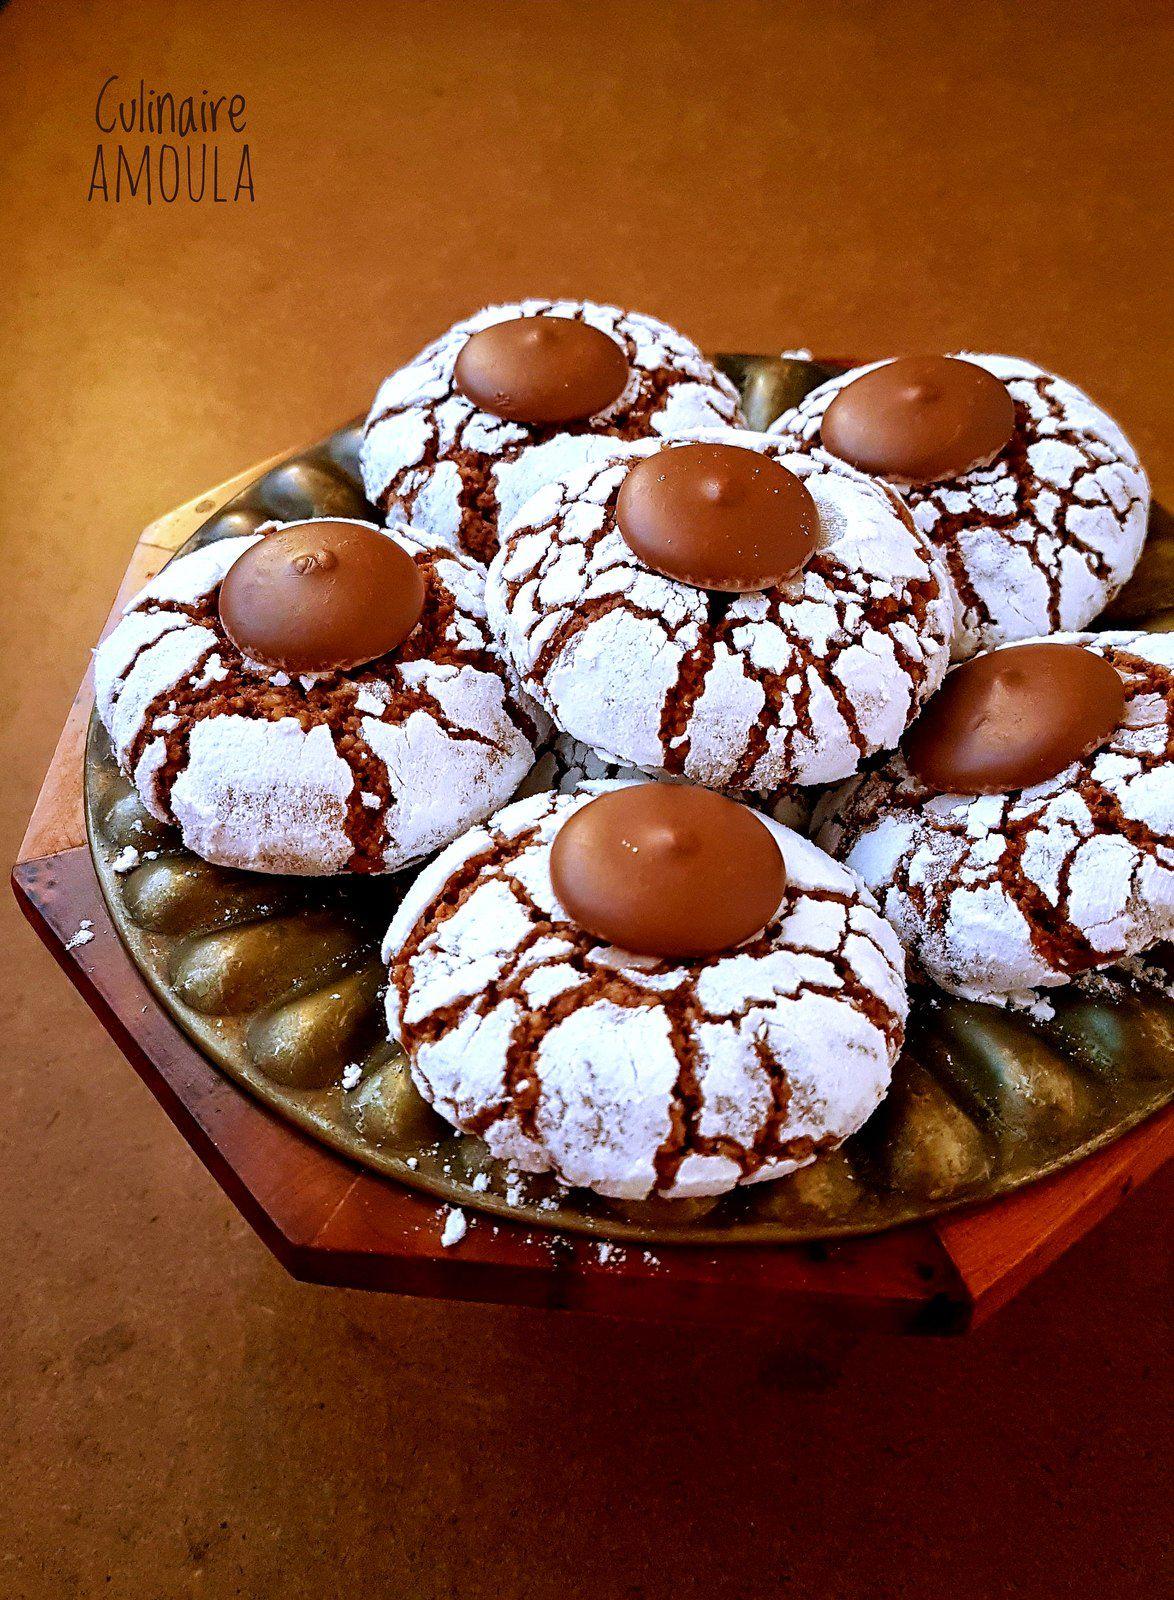 Ghriba aux amandes et au chocolat